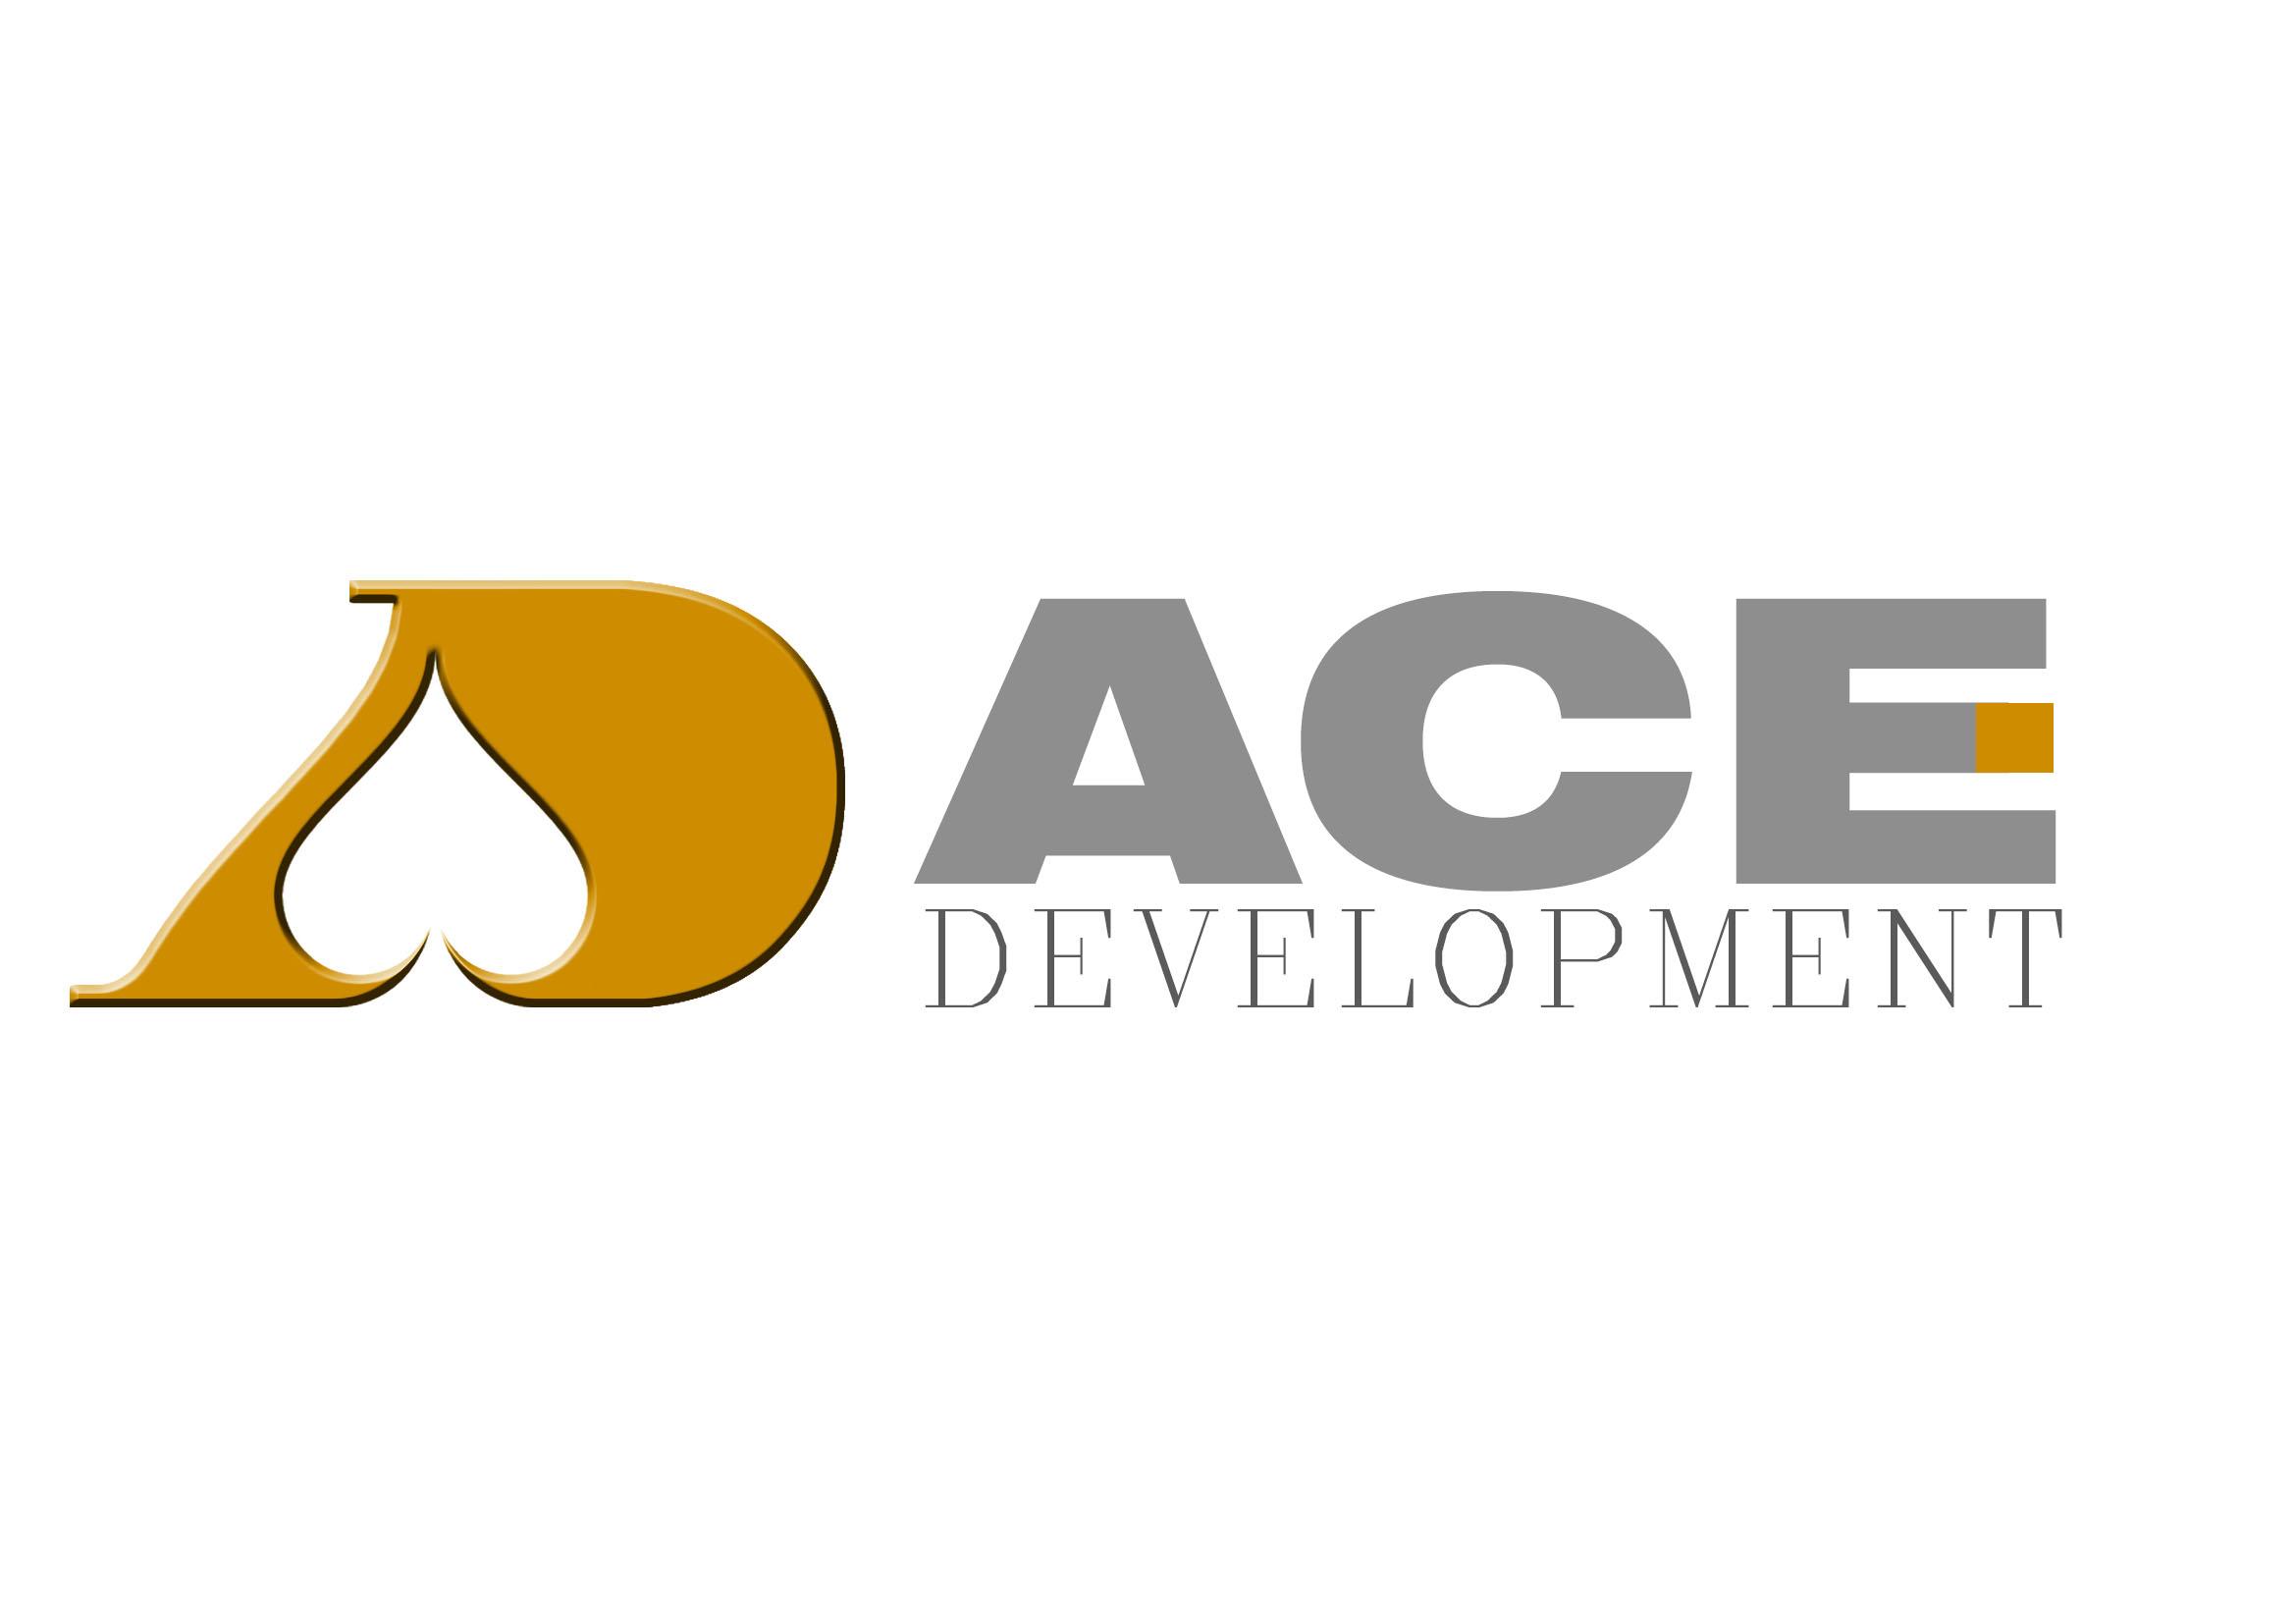 Logo Design by JR Cantos - Entry No. 92 in the Logo Design Contest Fun Logo Design for Ace development.